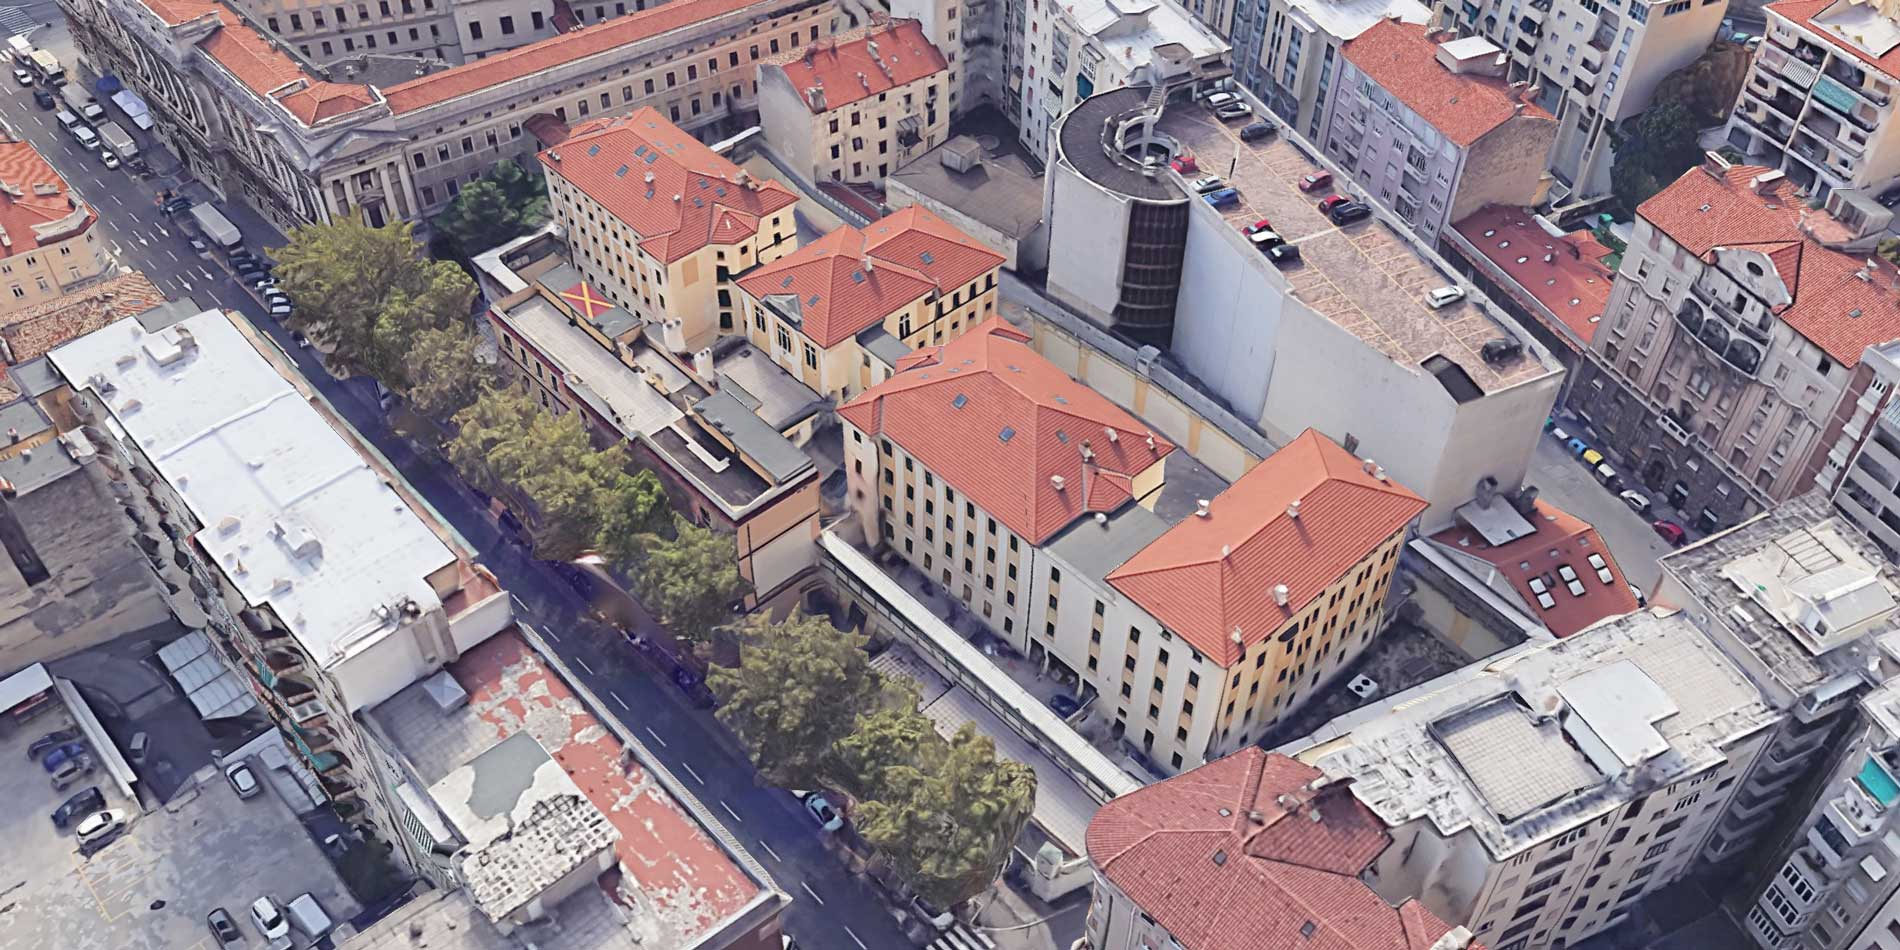 carcere Coroneo Trieste